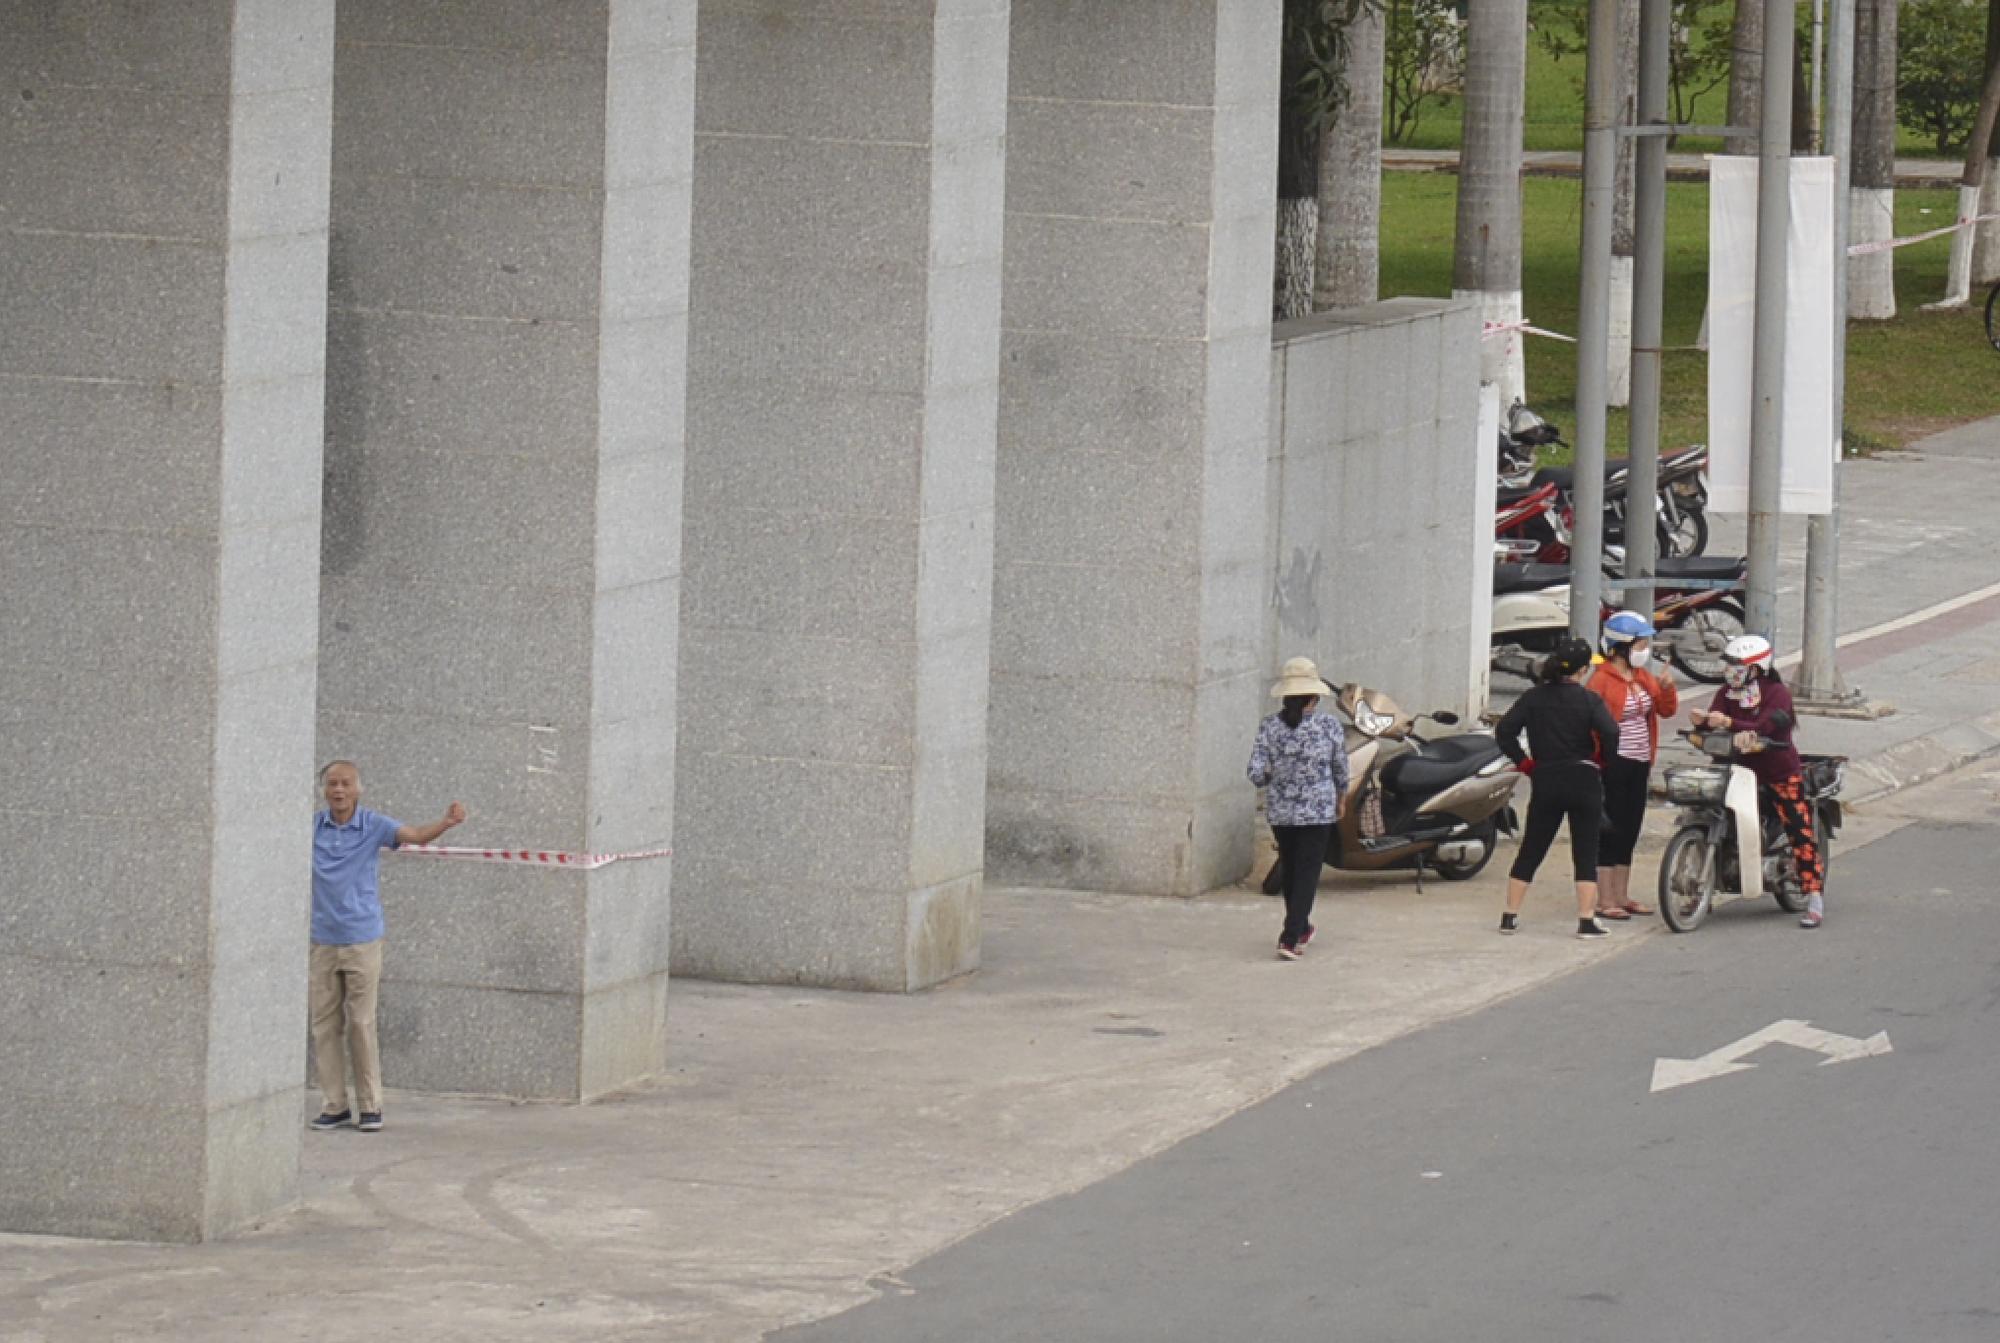 Người Đà Nẵng ra đường đông như không có cách li xã hội - Ảnh 4.